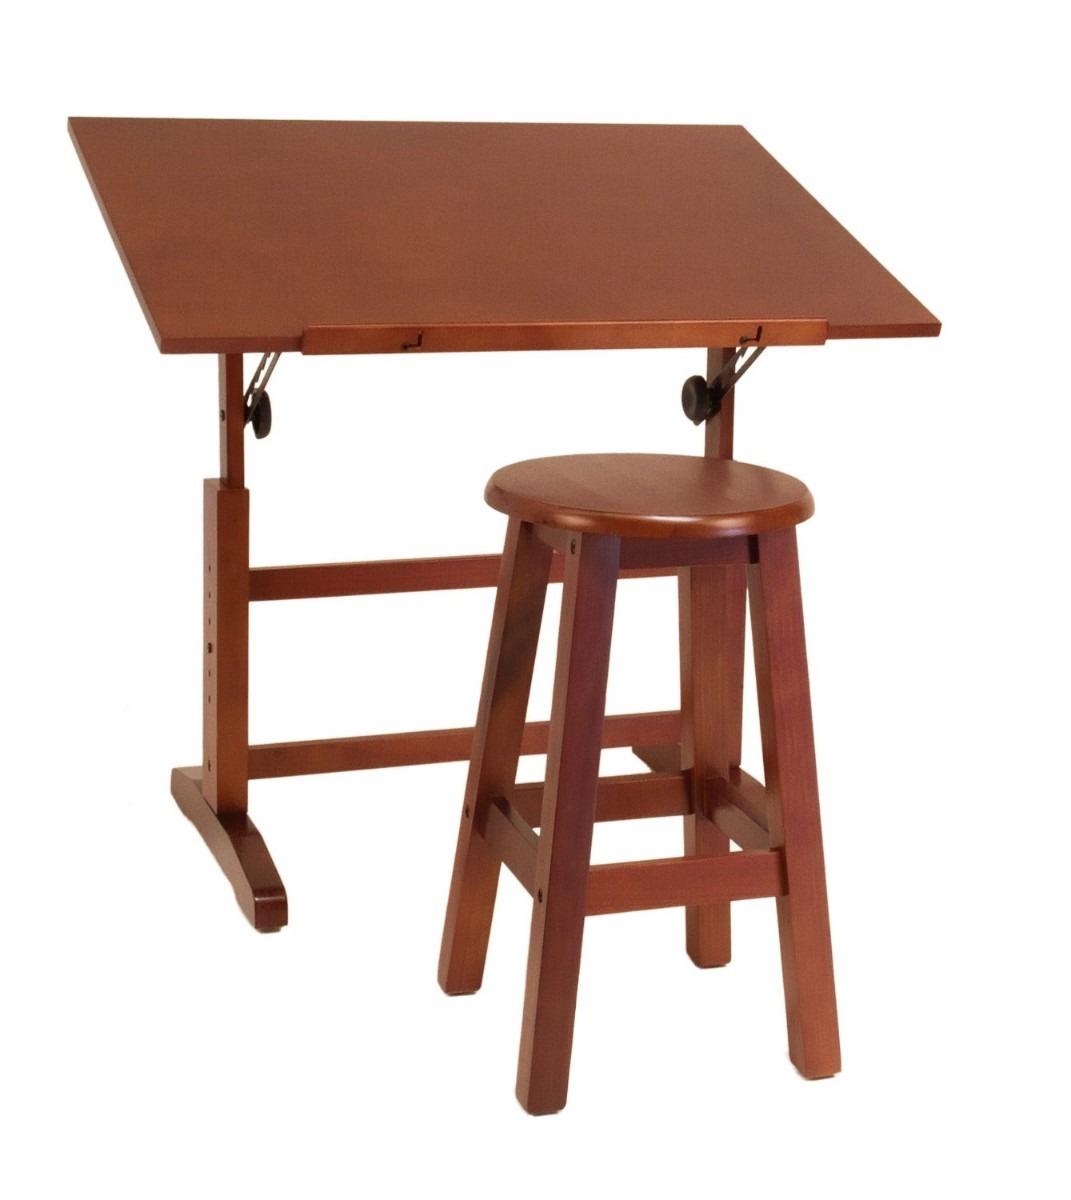 Mesas de arquitecto mesa estudio despacho arquitecto mf - Mesa dibujo ikea ...